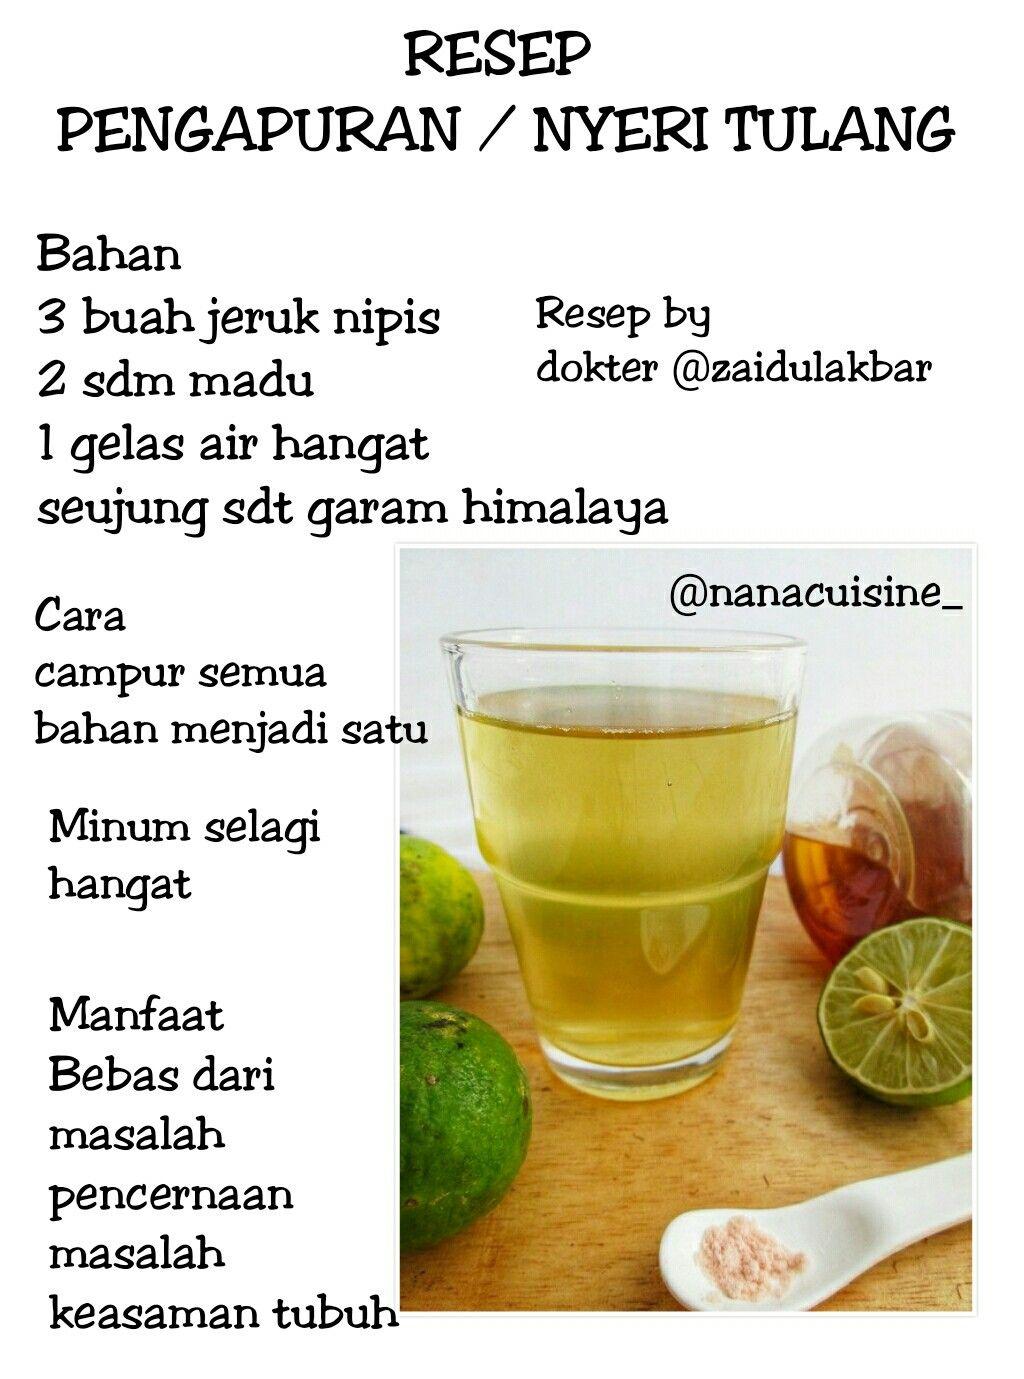 Manfaat Minum Air Jeruk Nipis Hangat Di Pagi Hari Pagi Cuaca Cute766